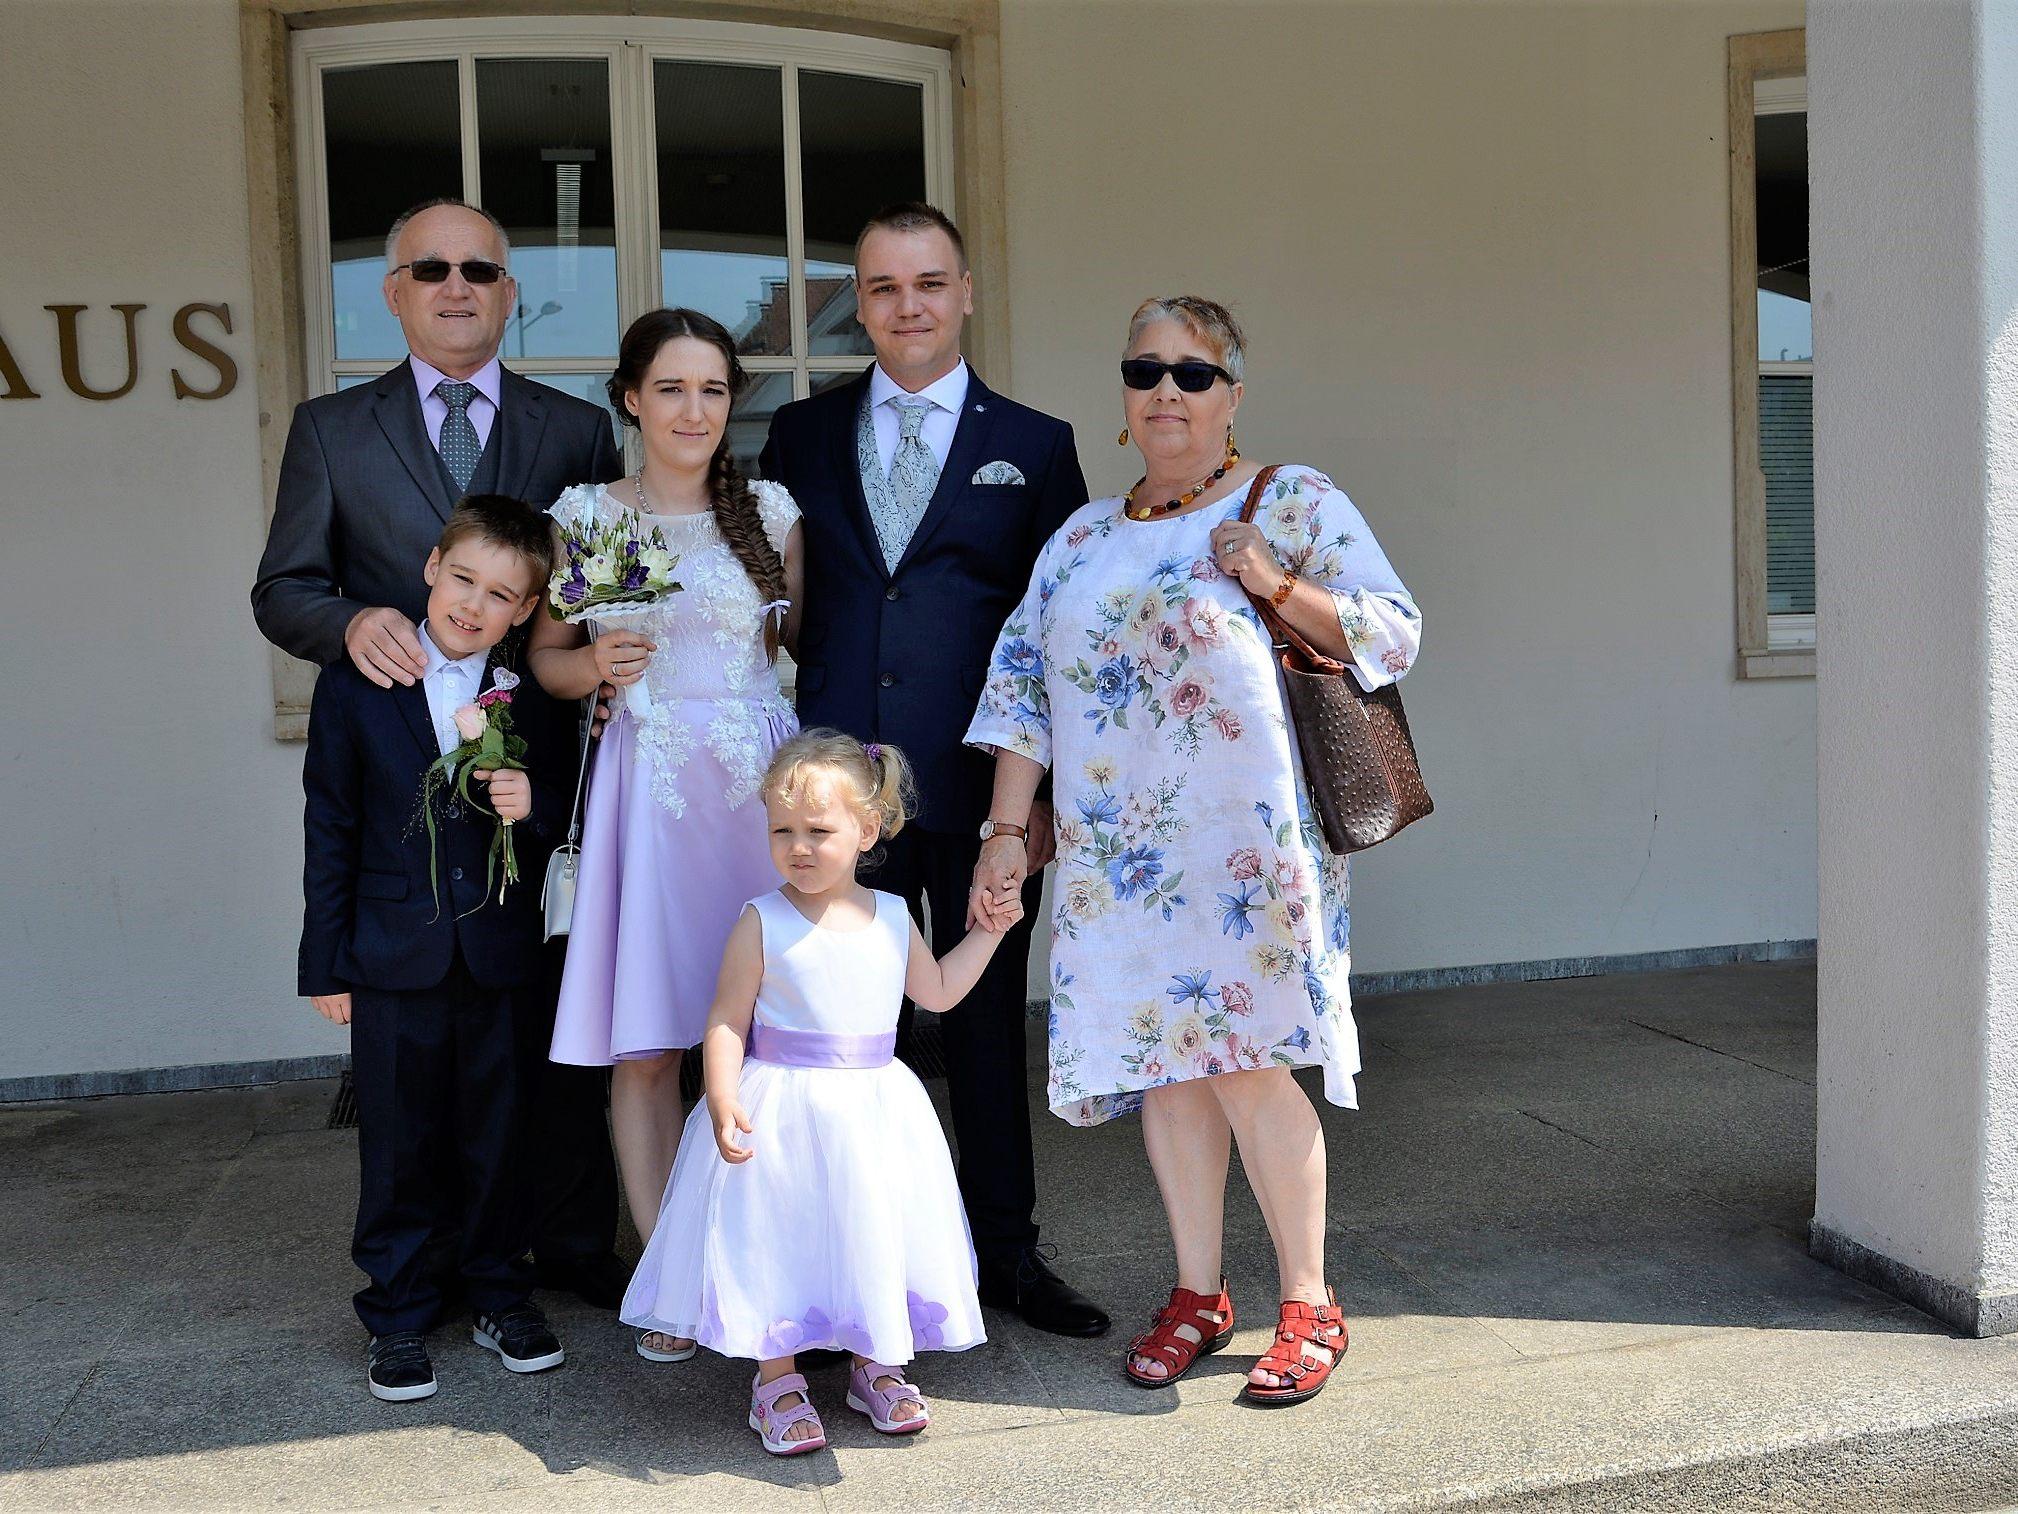 Hochzeit von Simone Mößlacher und René Csuk - Dornbirn   VOL.AT